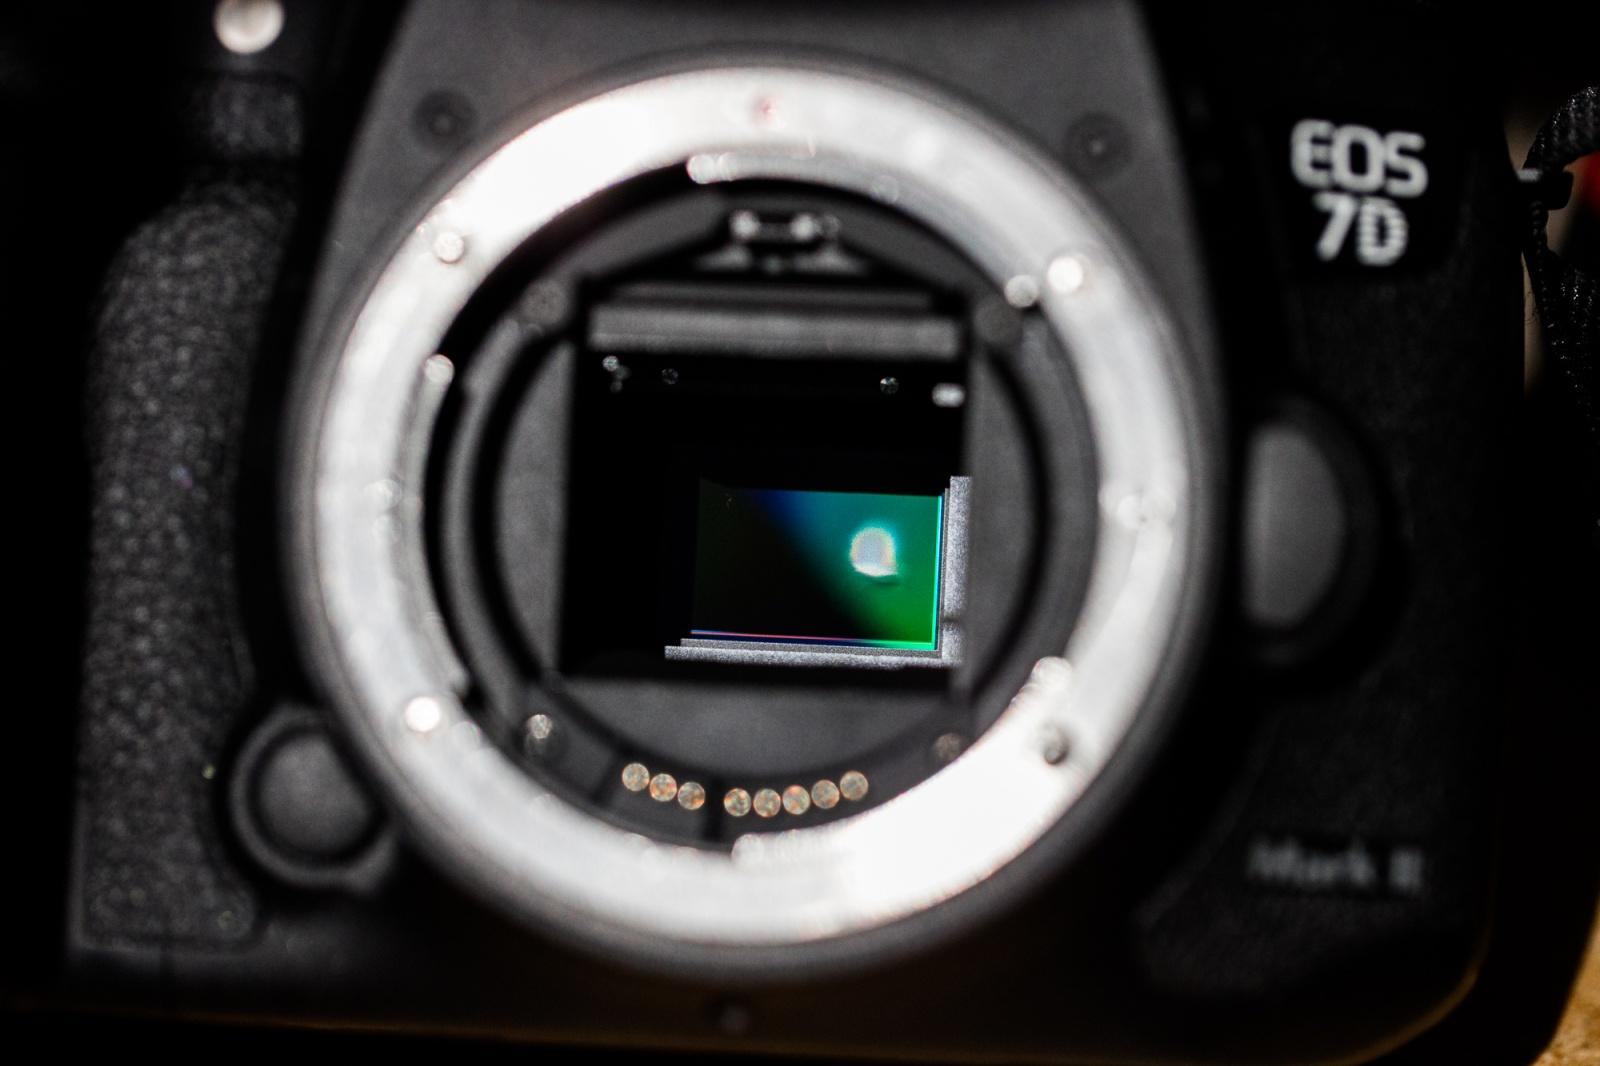 Прокатное фотографическое оборудование, повреждённое солнечным затмением - 5